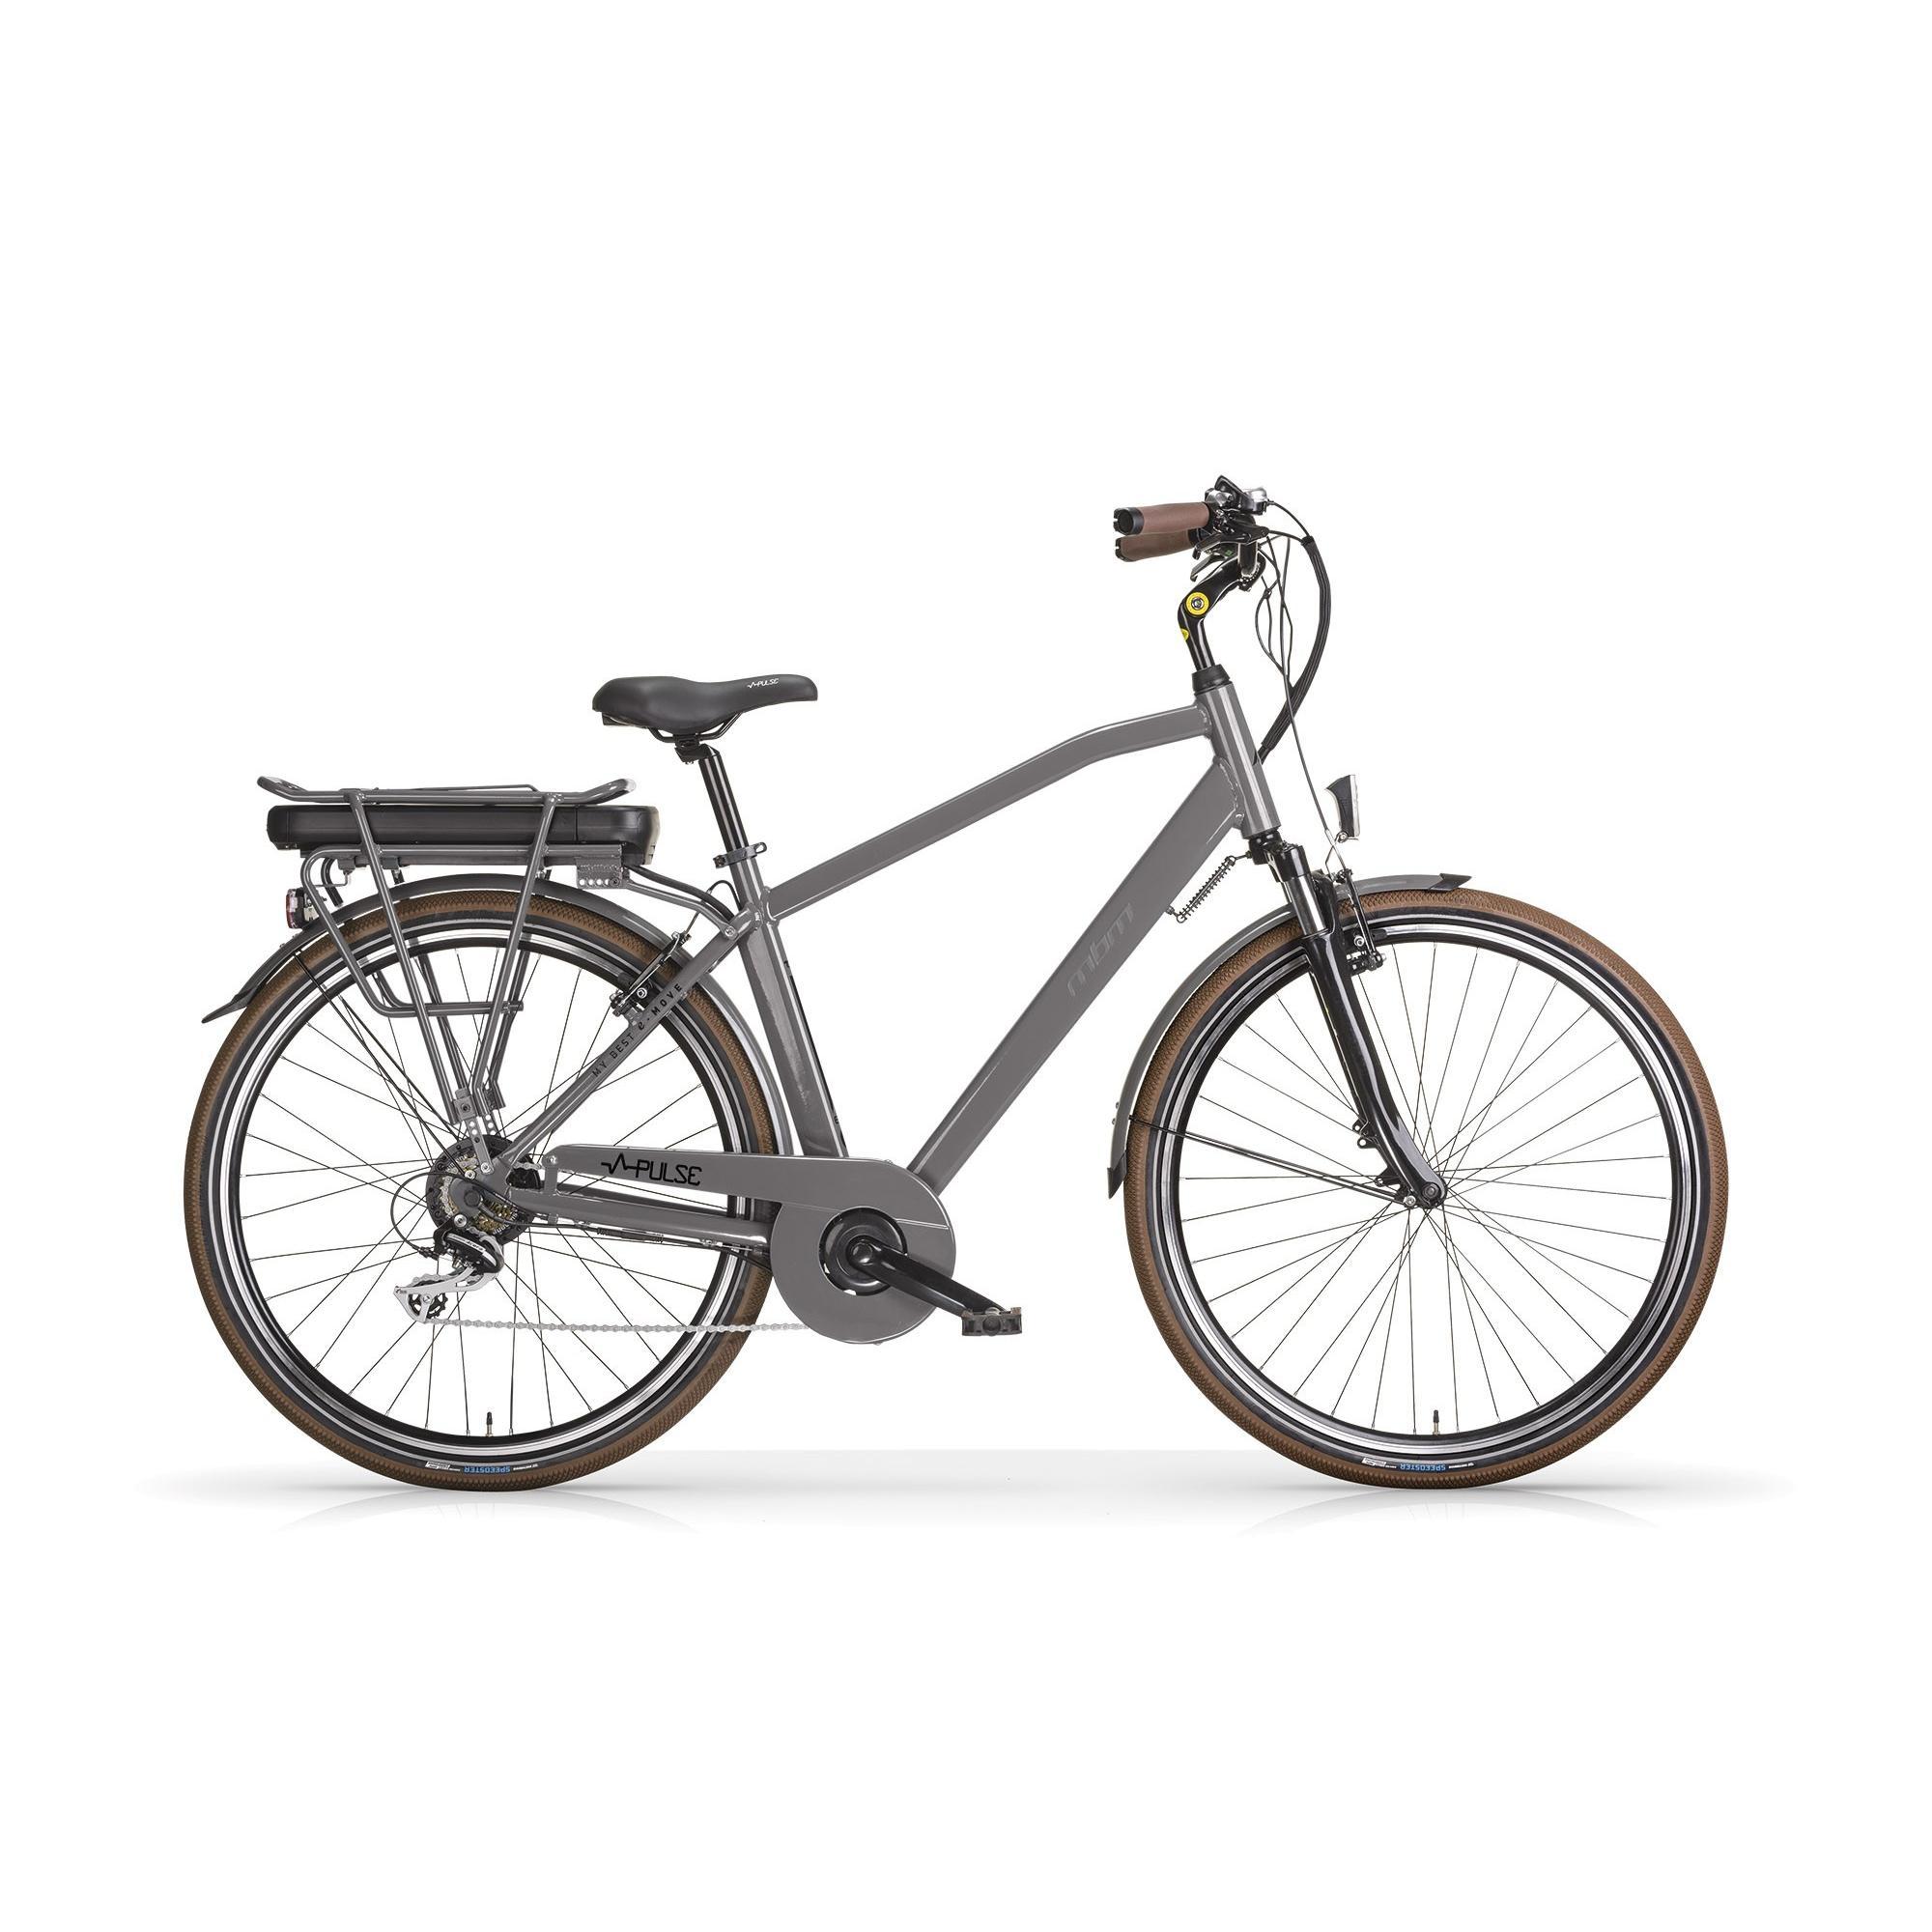 Bici elettrica uomo 30: fantastiche promozioni su internet